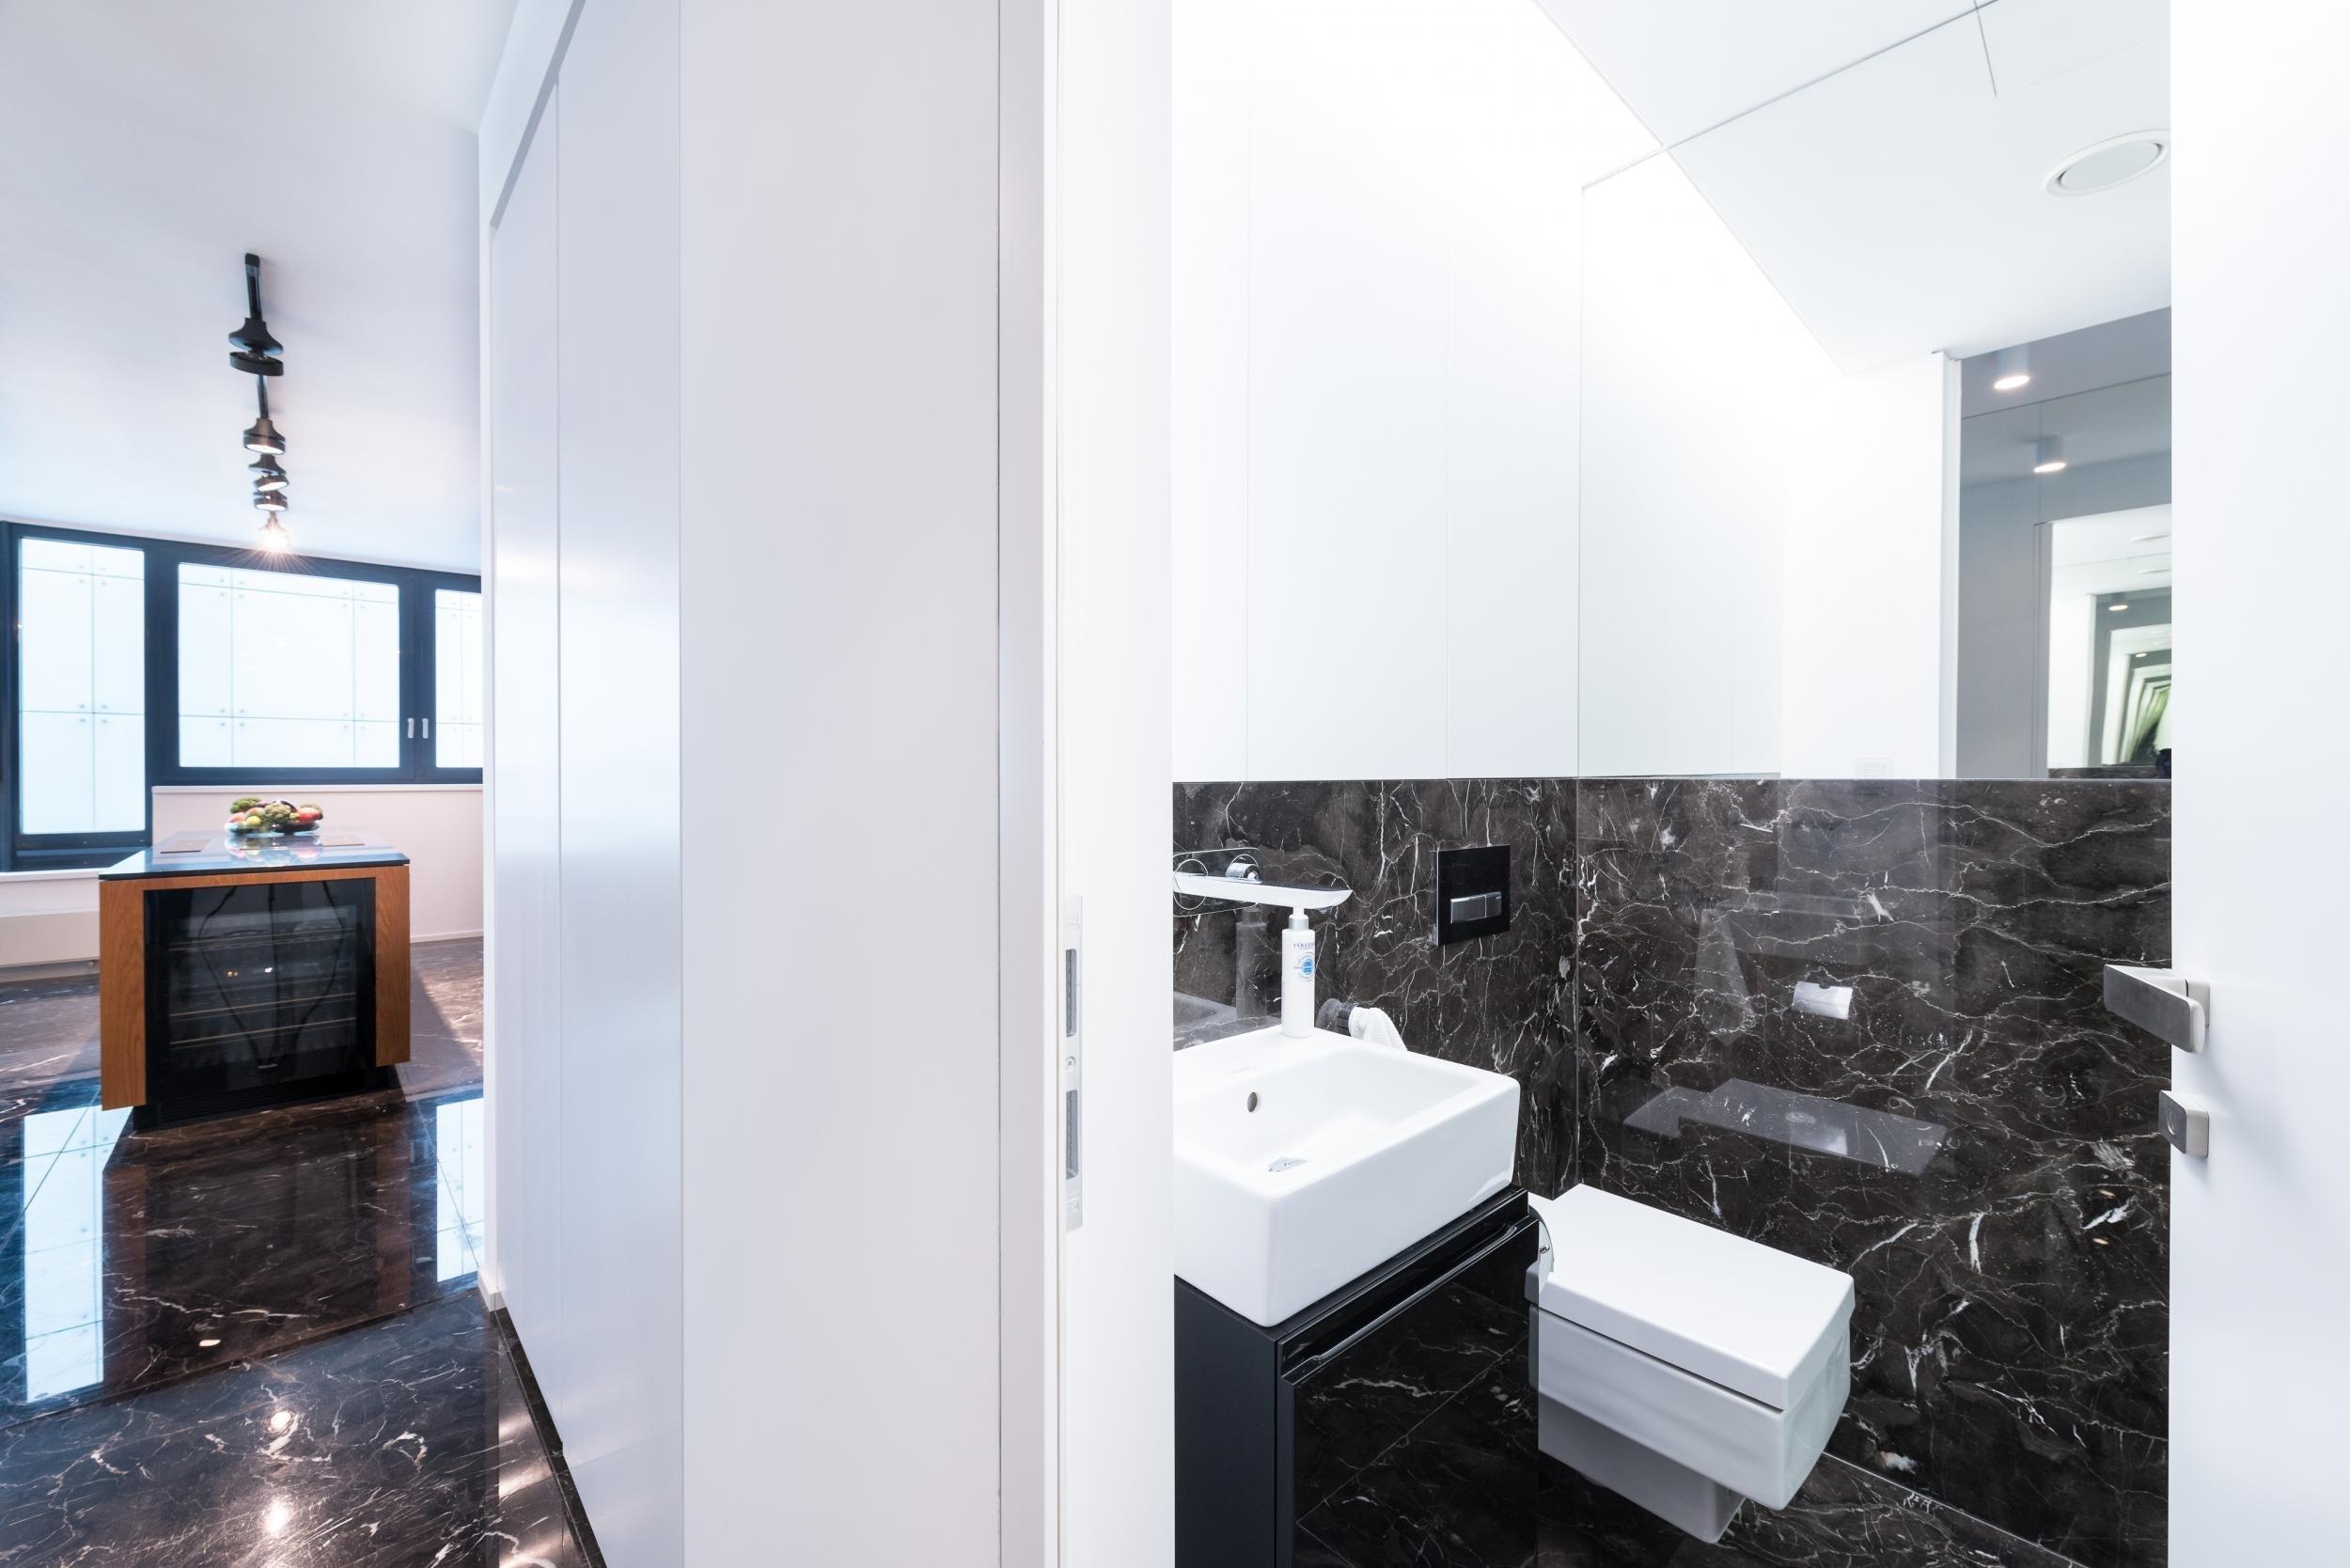 Luxusní byt v Riverparku s mramorovou podlahou bude sloužit k pronájmu pro náročné klienty. V návrhu jsme se vyhnuli okázalým kýčům a vytvořili skutečně…